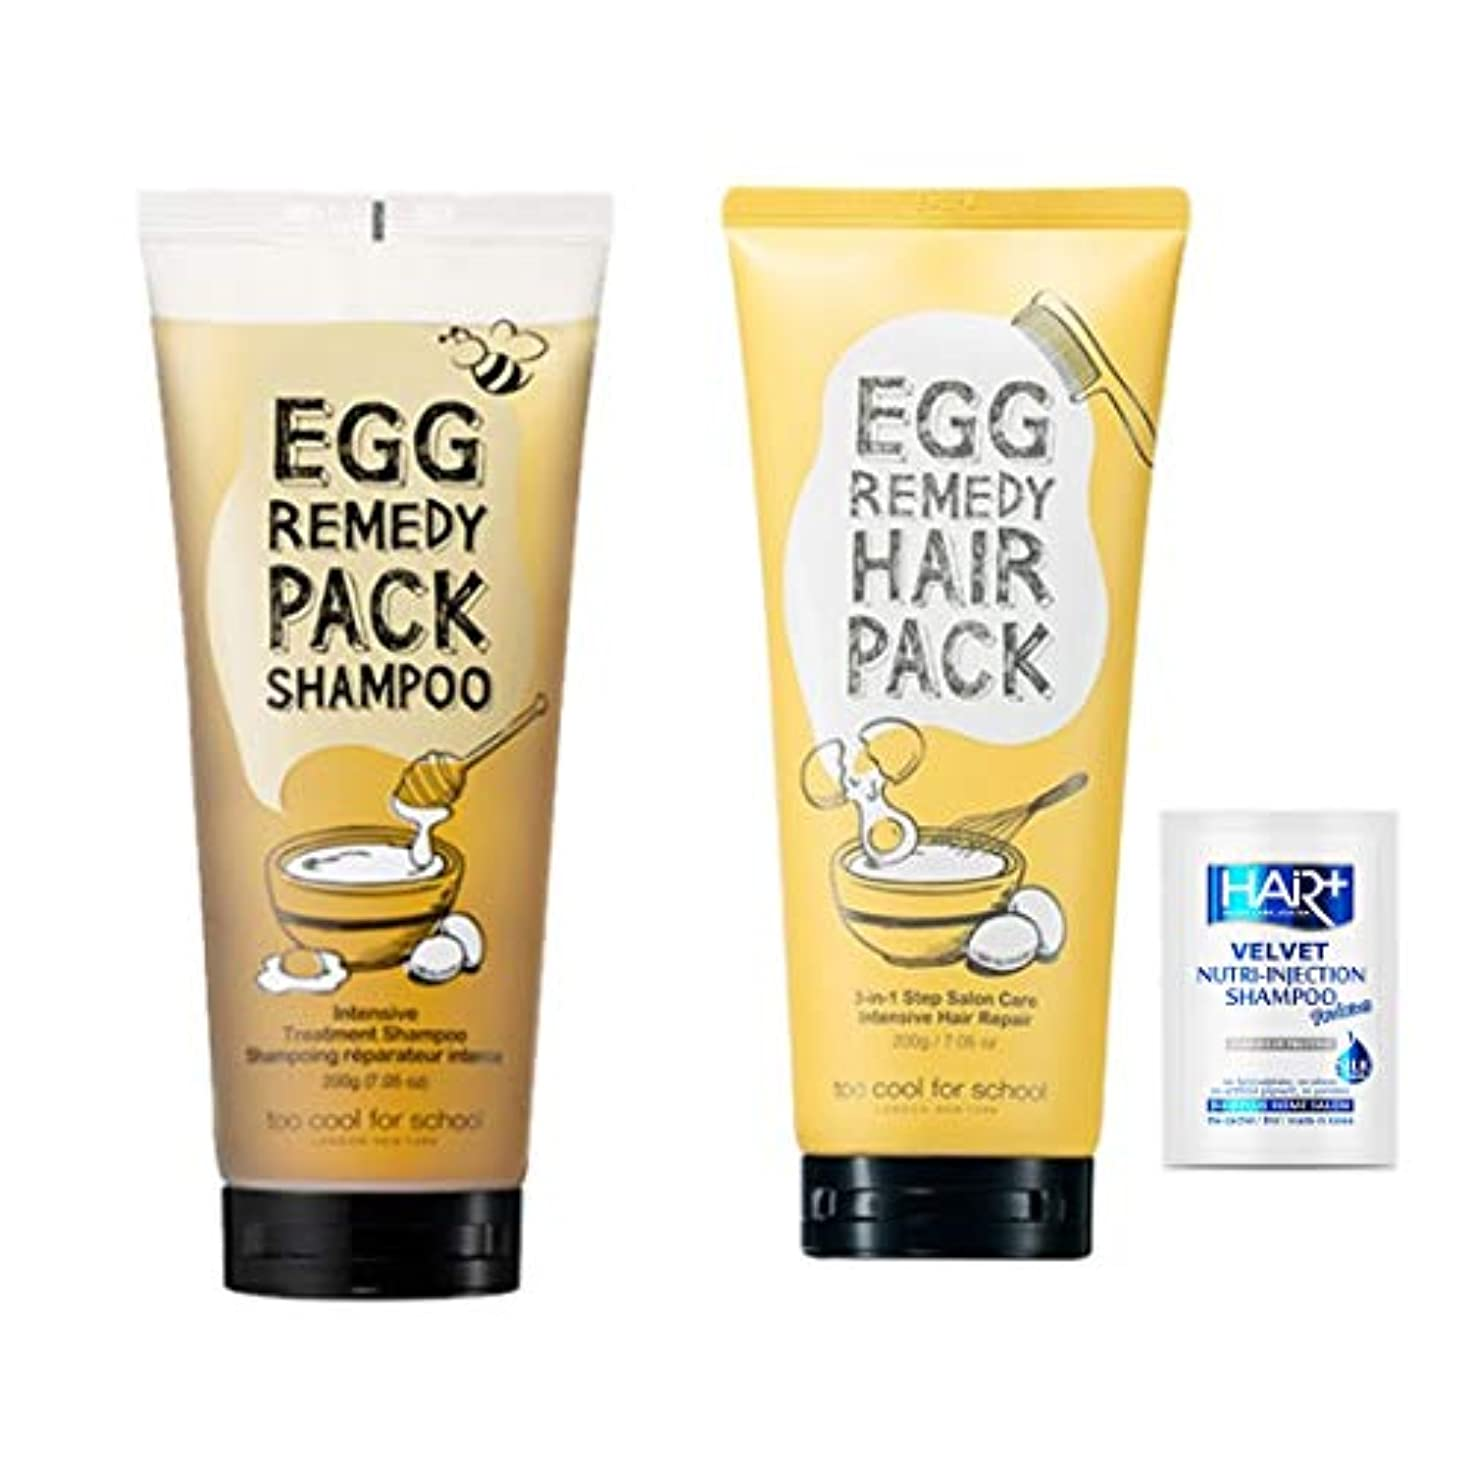 誤解手荷物幸運なトゥークールフォ―スクール(too cool for school)/エッグレミディパックシャンプーtoo cool for school Egg Remedy Pack Shampoo 200ml + エッグレミディヘアパック...